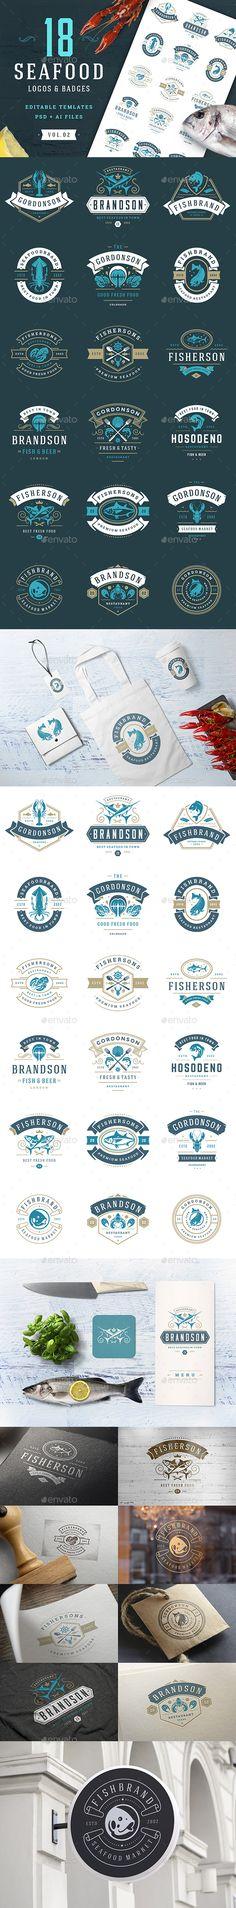 18 Seafood Logos & Badges - Templates PSD, AI